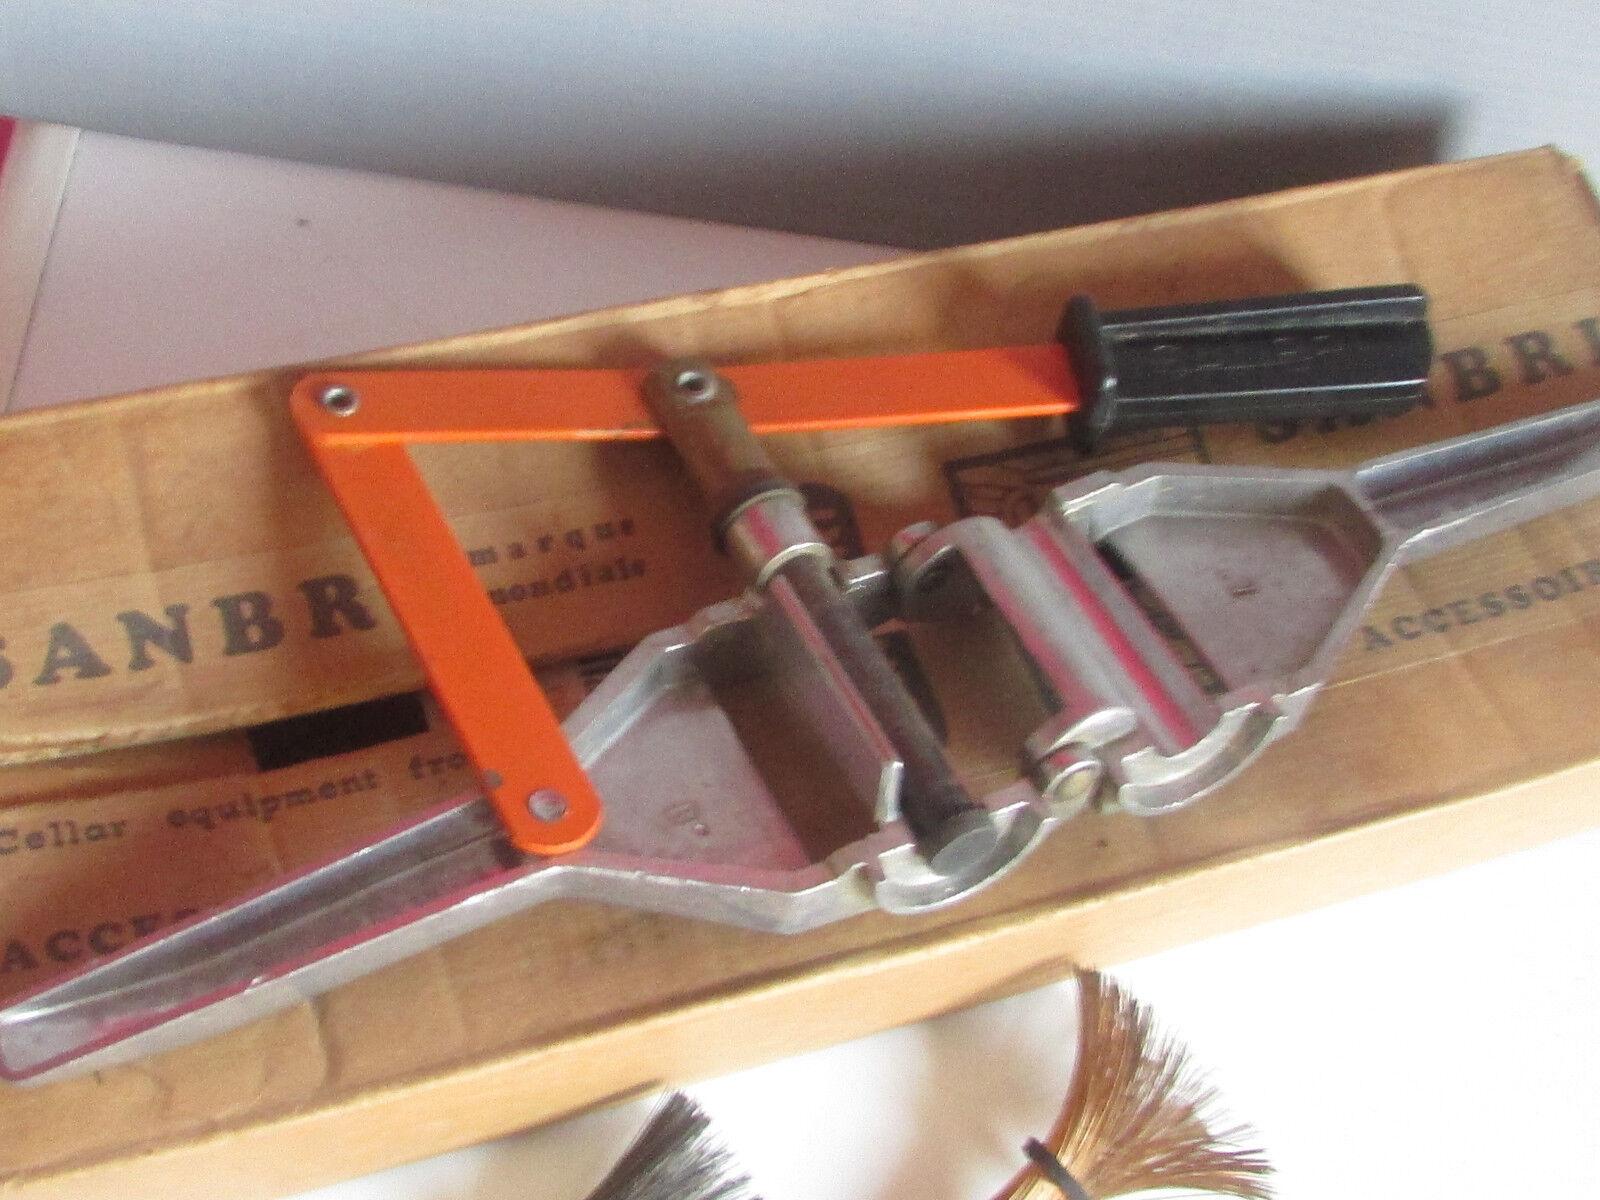 Accessoires de cave a vin de la marque  sanbri